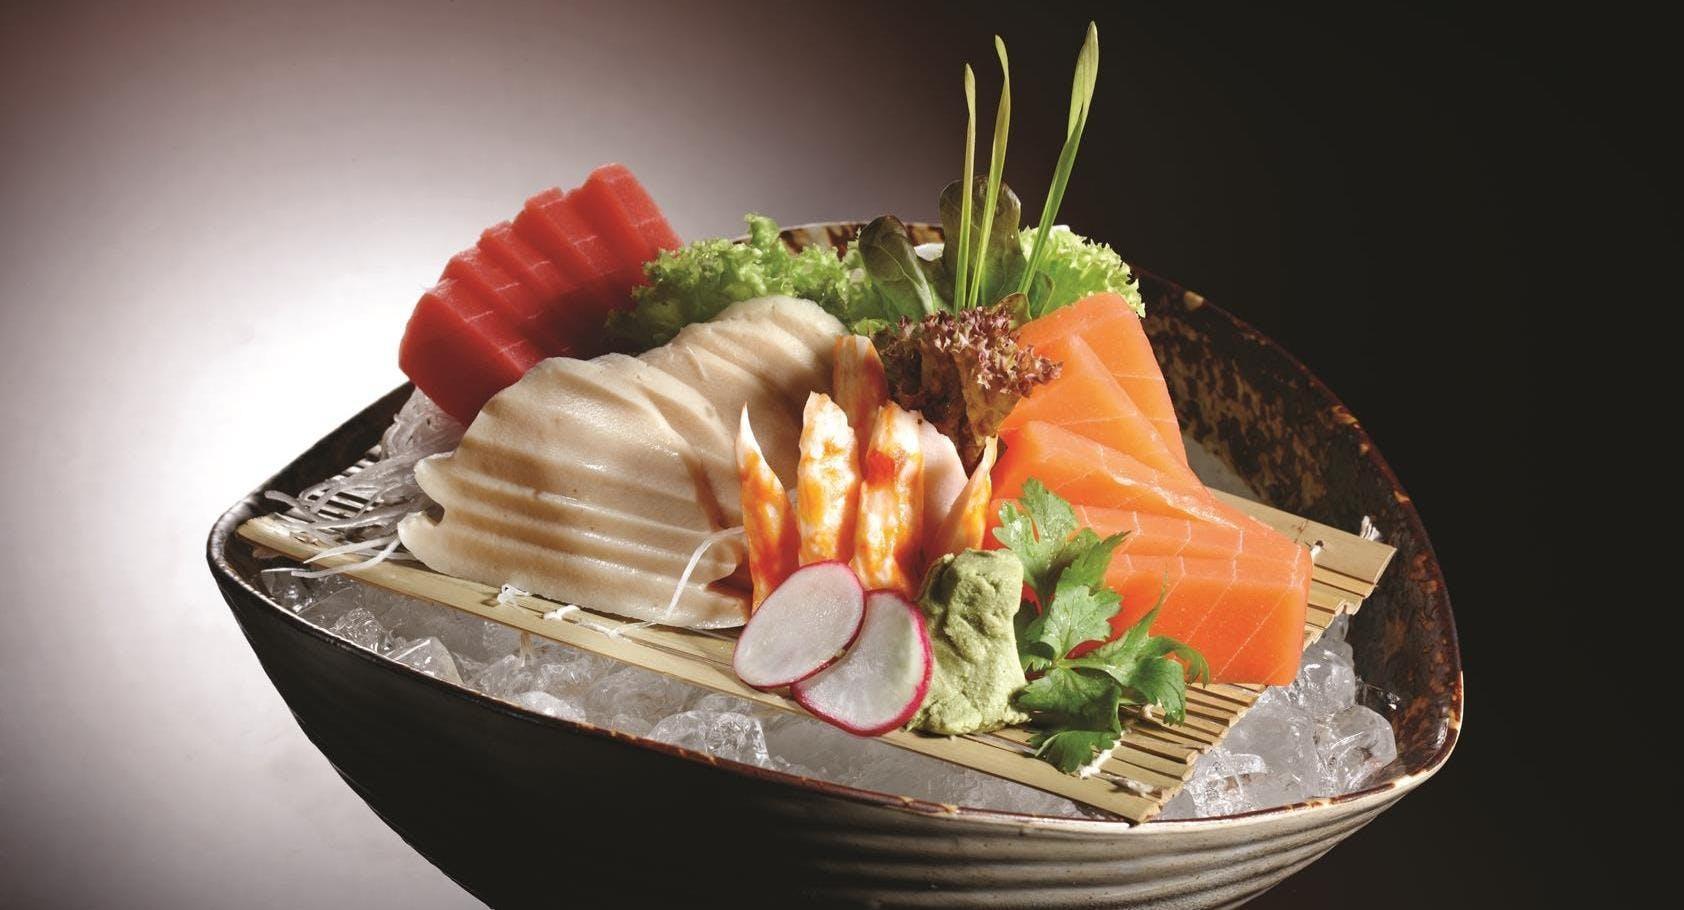 Teng Bespoke Japanese Vegetarian Dining Singapore image 2